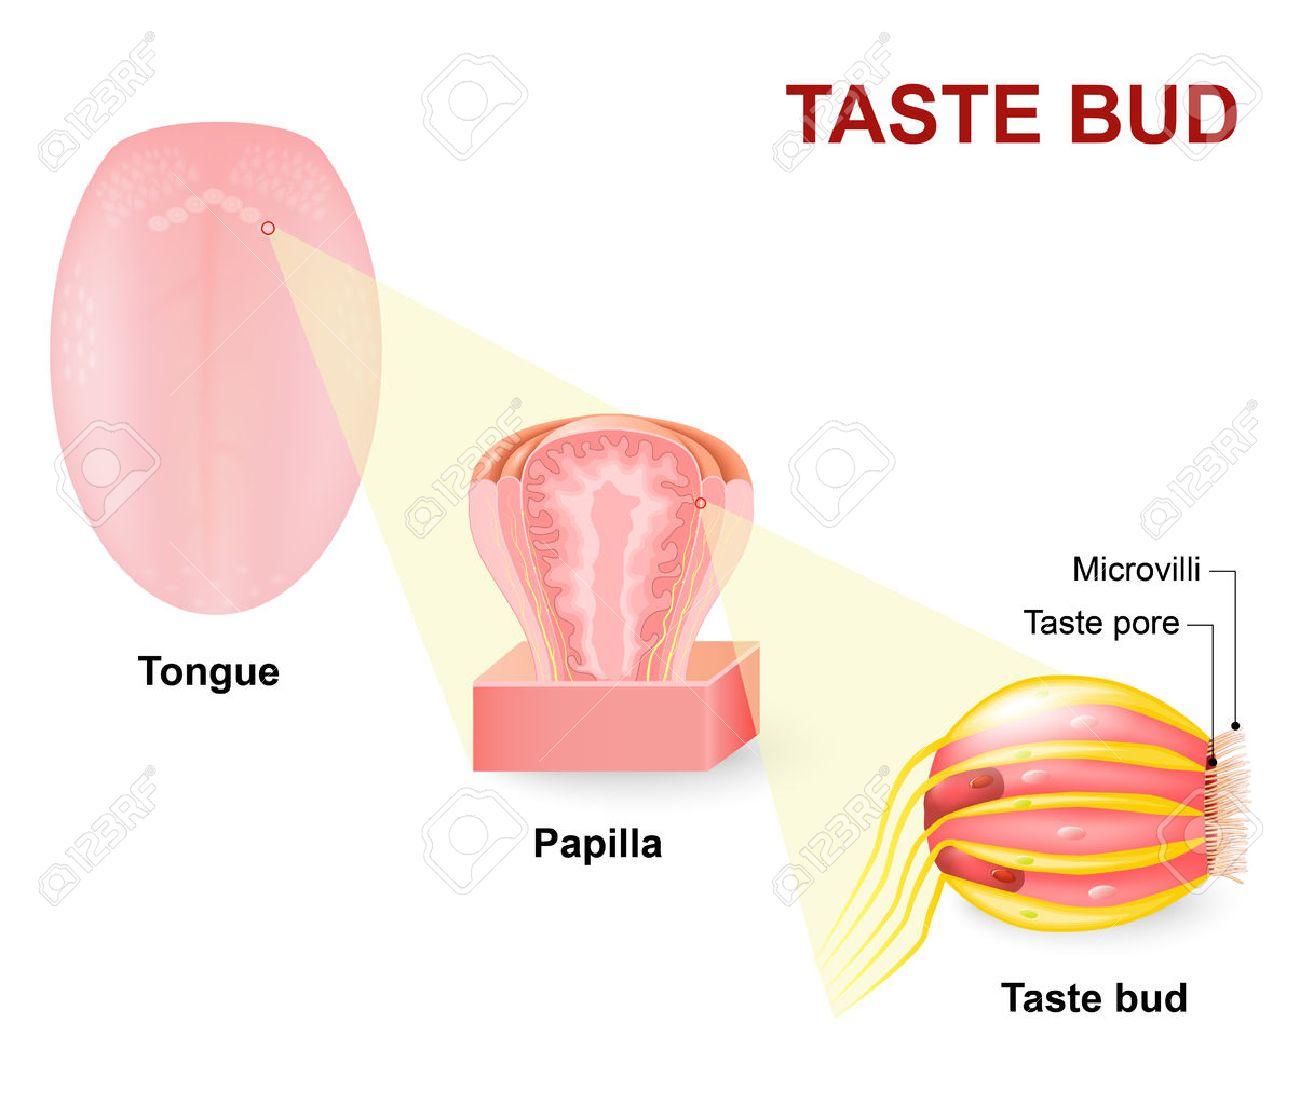 A gyermek nyelvén található plakk: milyen betegség jelez? - Teratoma